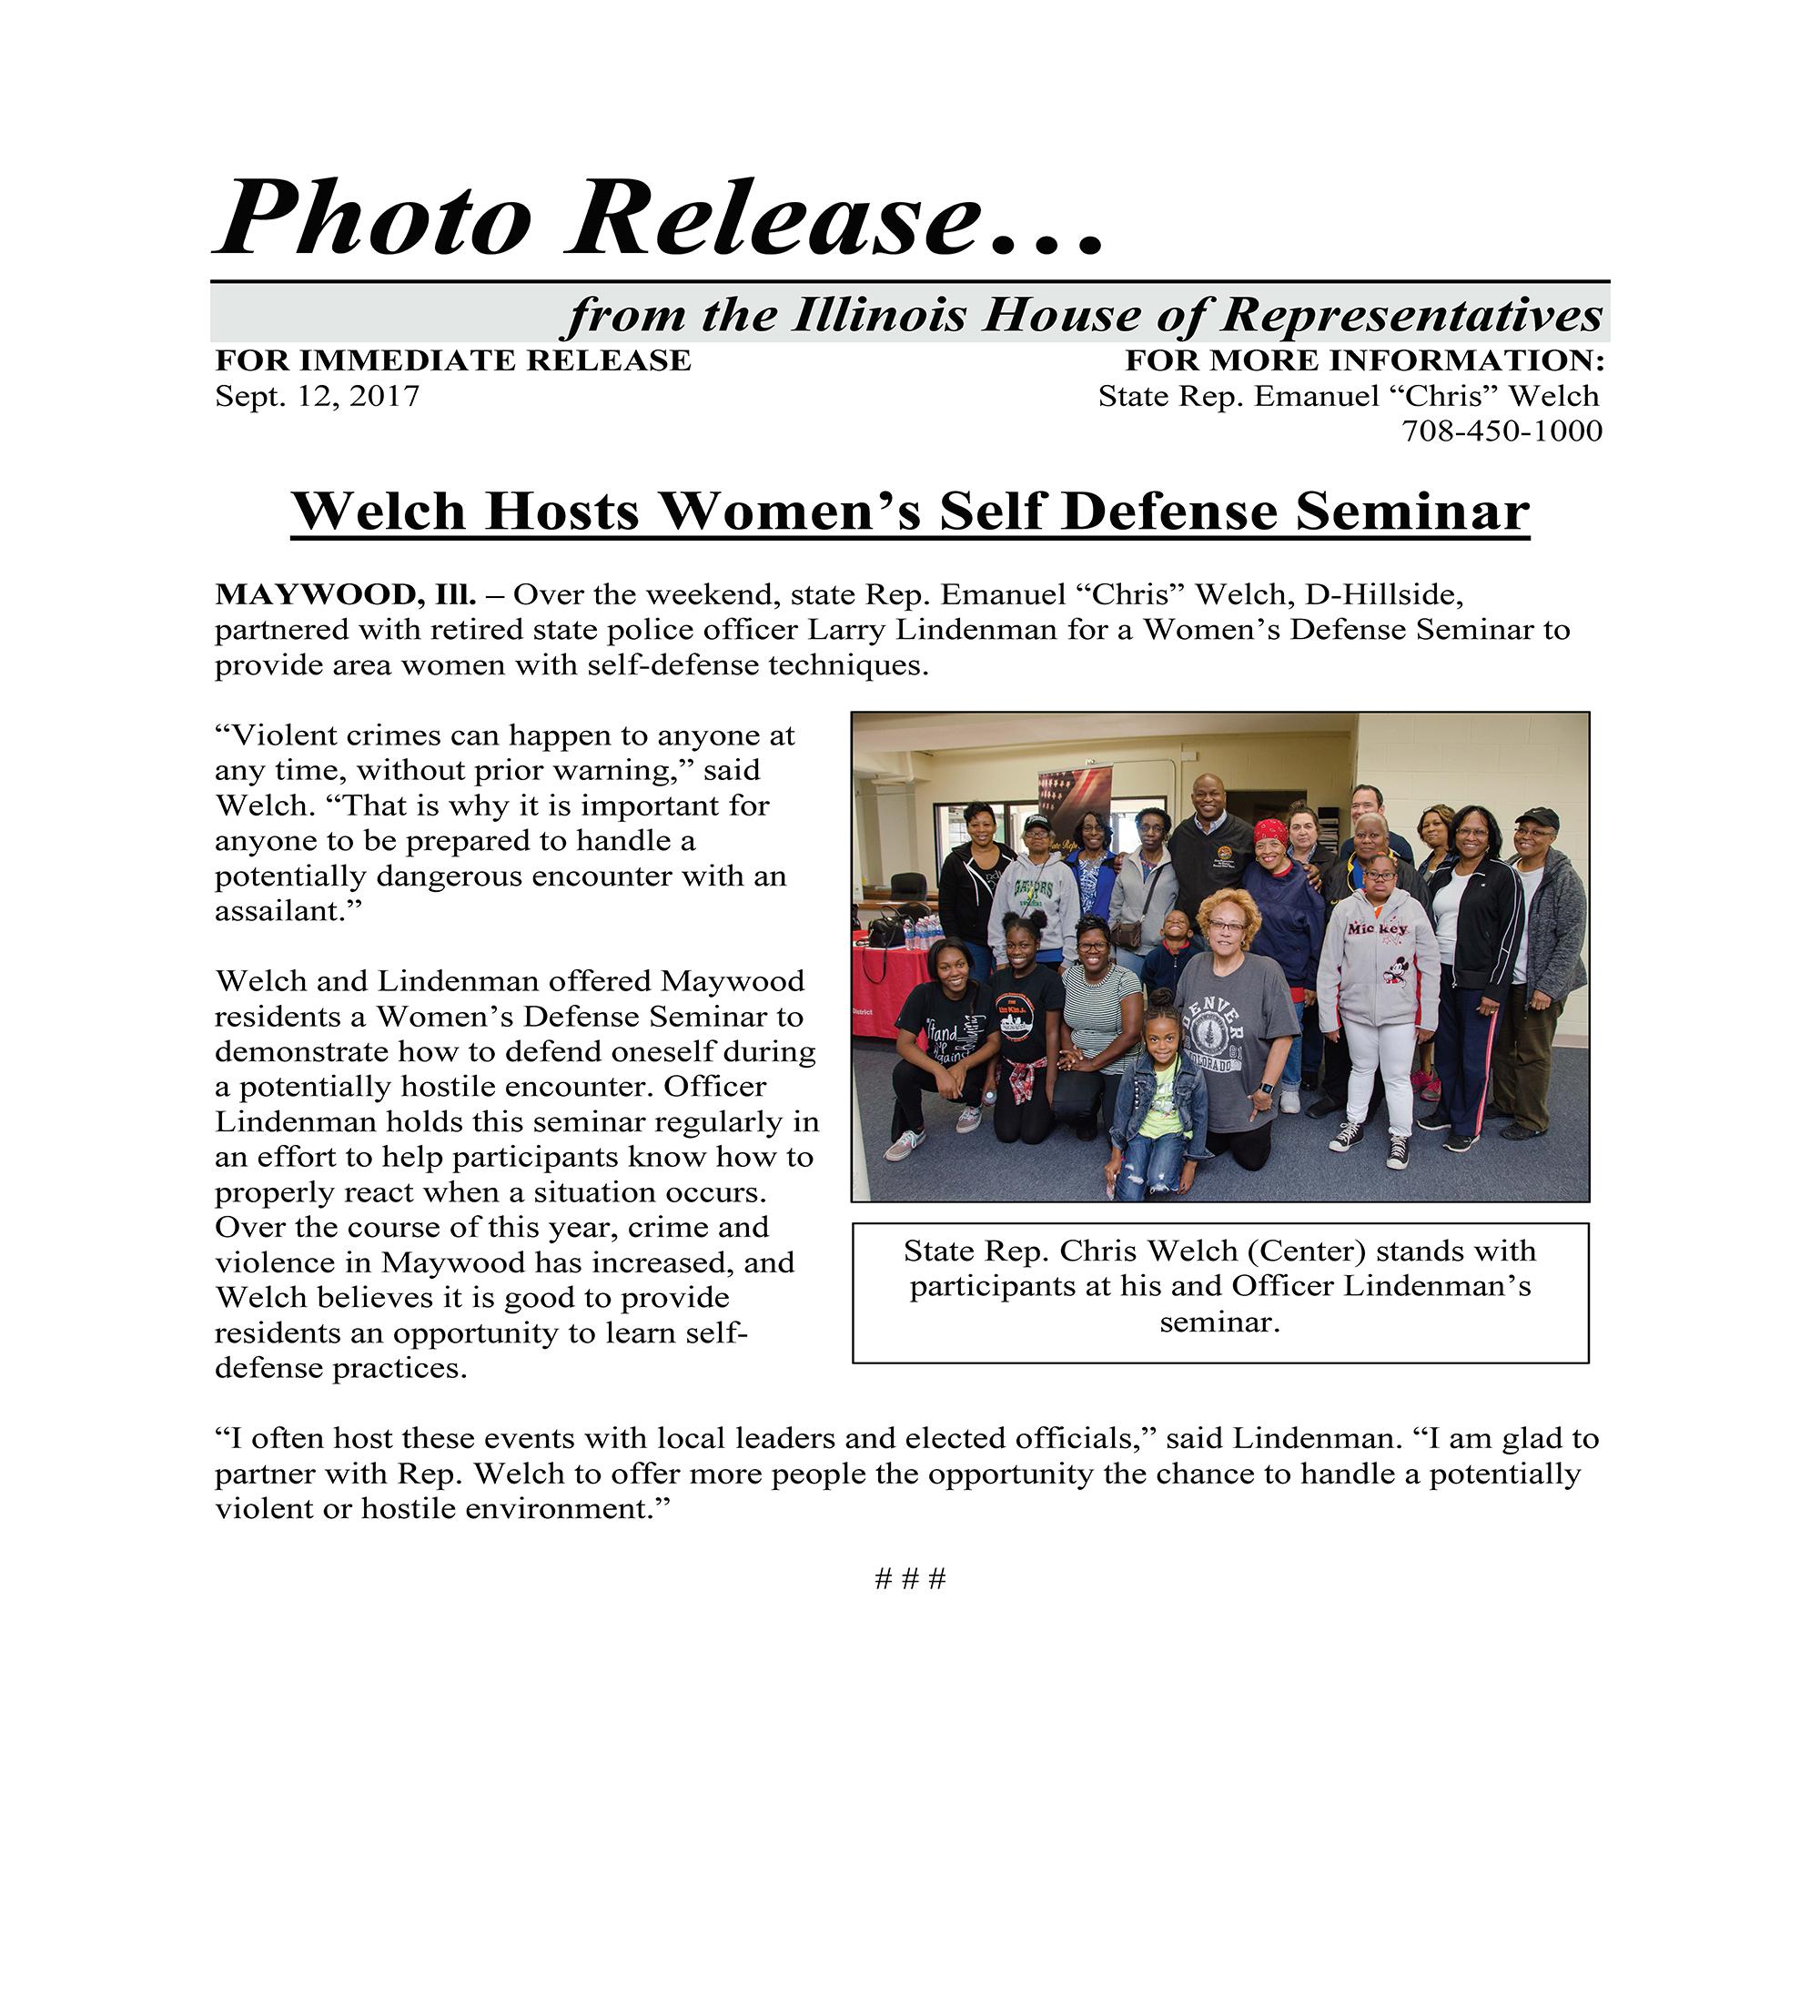 Welch Hosts Women's Self Defense Seminar  (September 12, 2017)